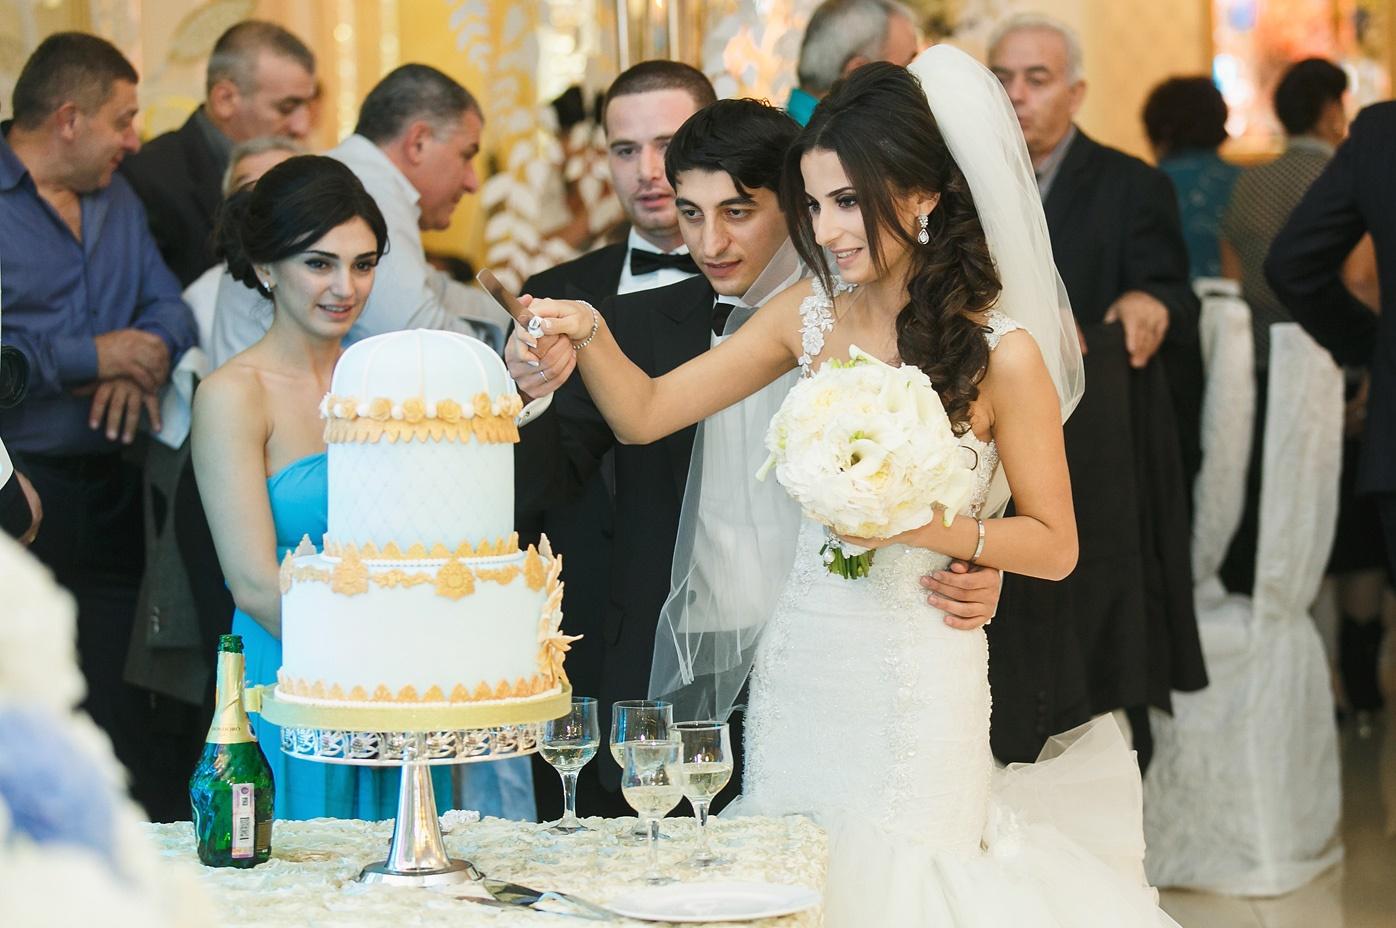 Шикарная кавказская свадьба в Ессентуках. Секреты по координации национальных свадеб.